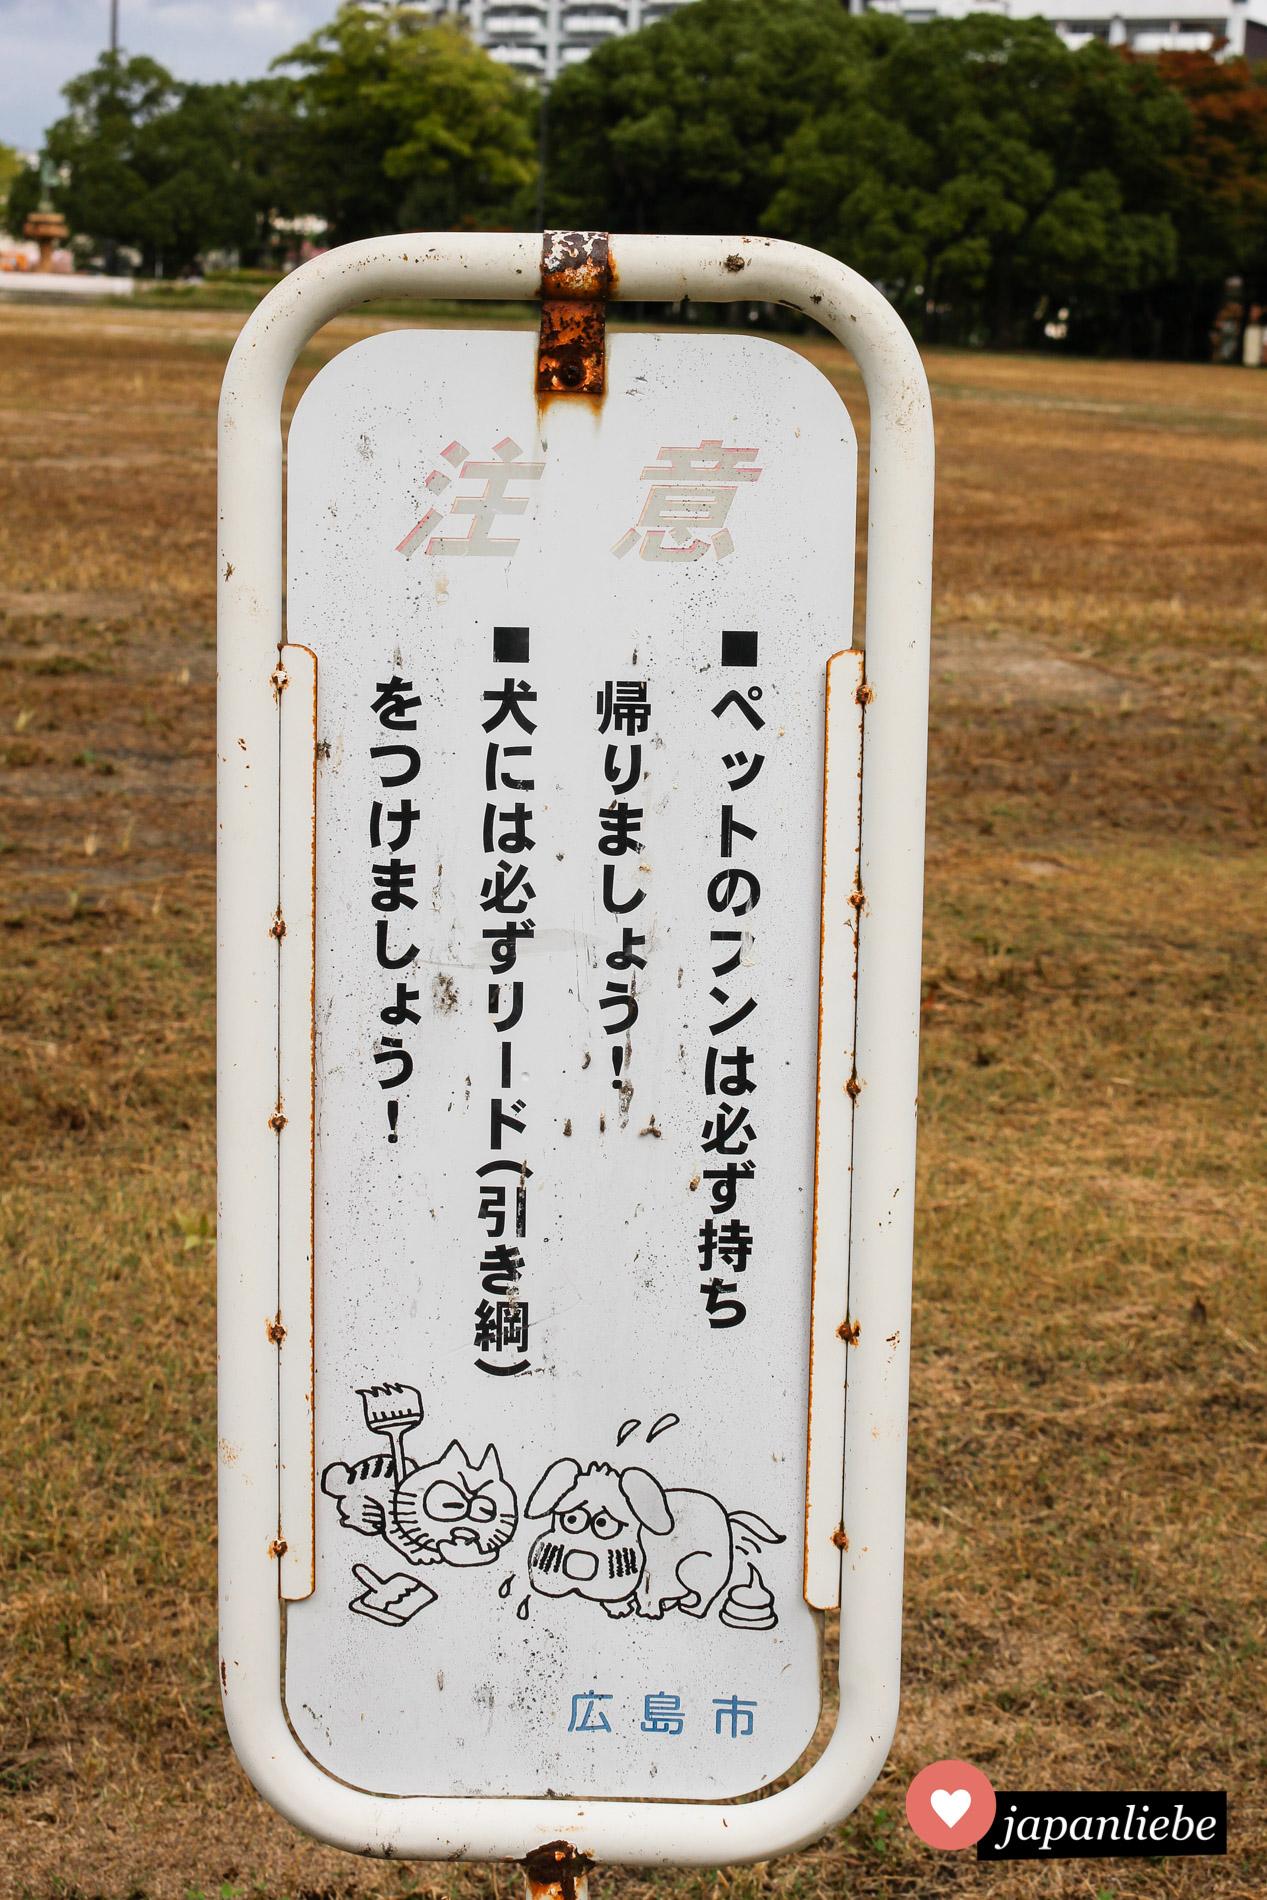 Häufchen mitnehmen, sonst gibt's in Hiroshima von der Katze eines auf den Latz.